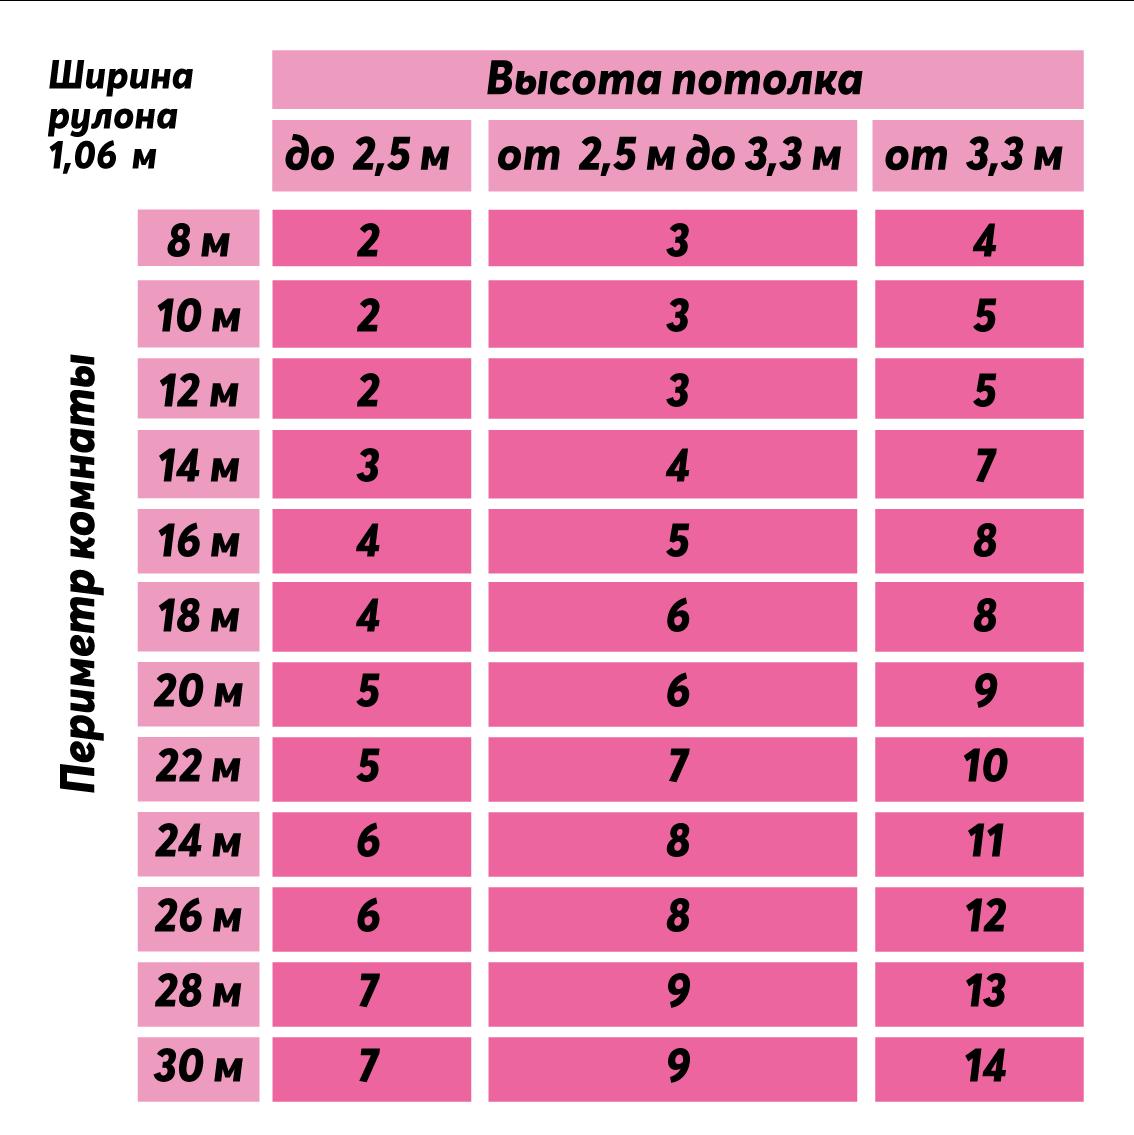 Расчёт количества рулонов для размеров рулона 1,06 сантиметра.